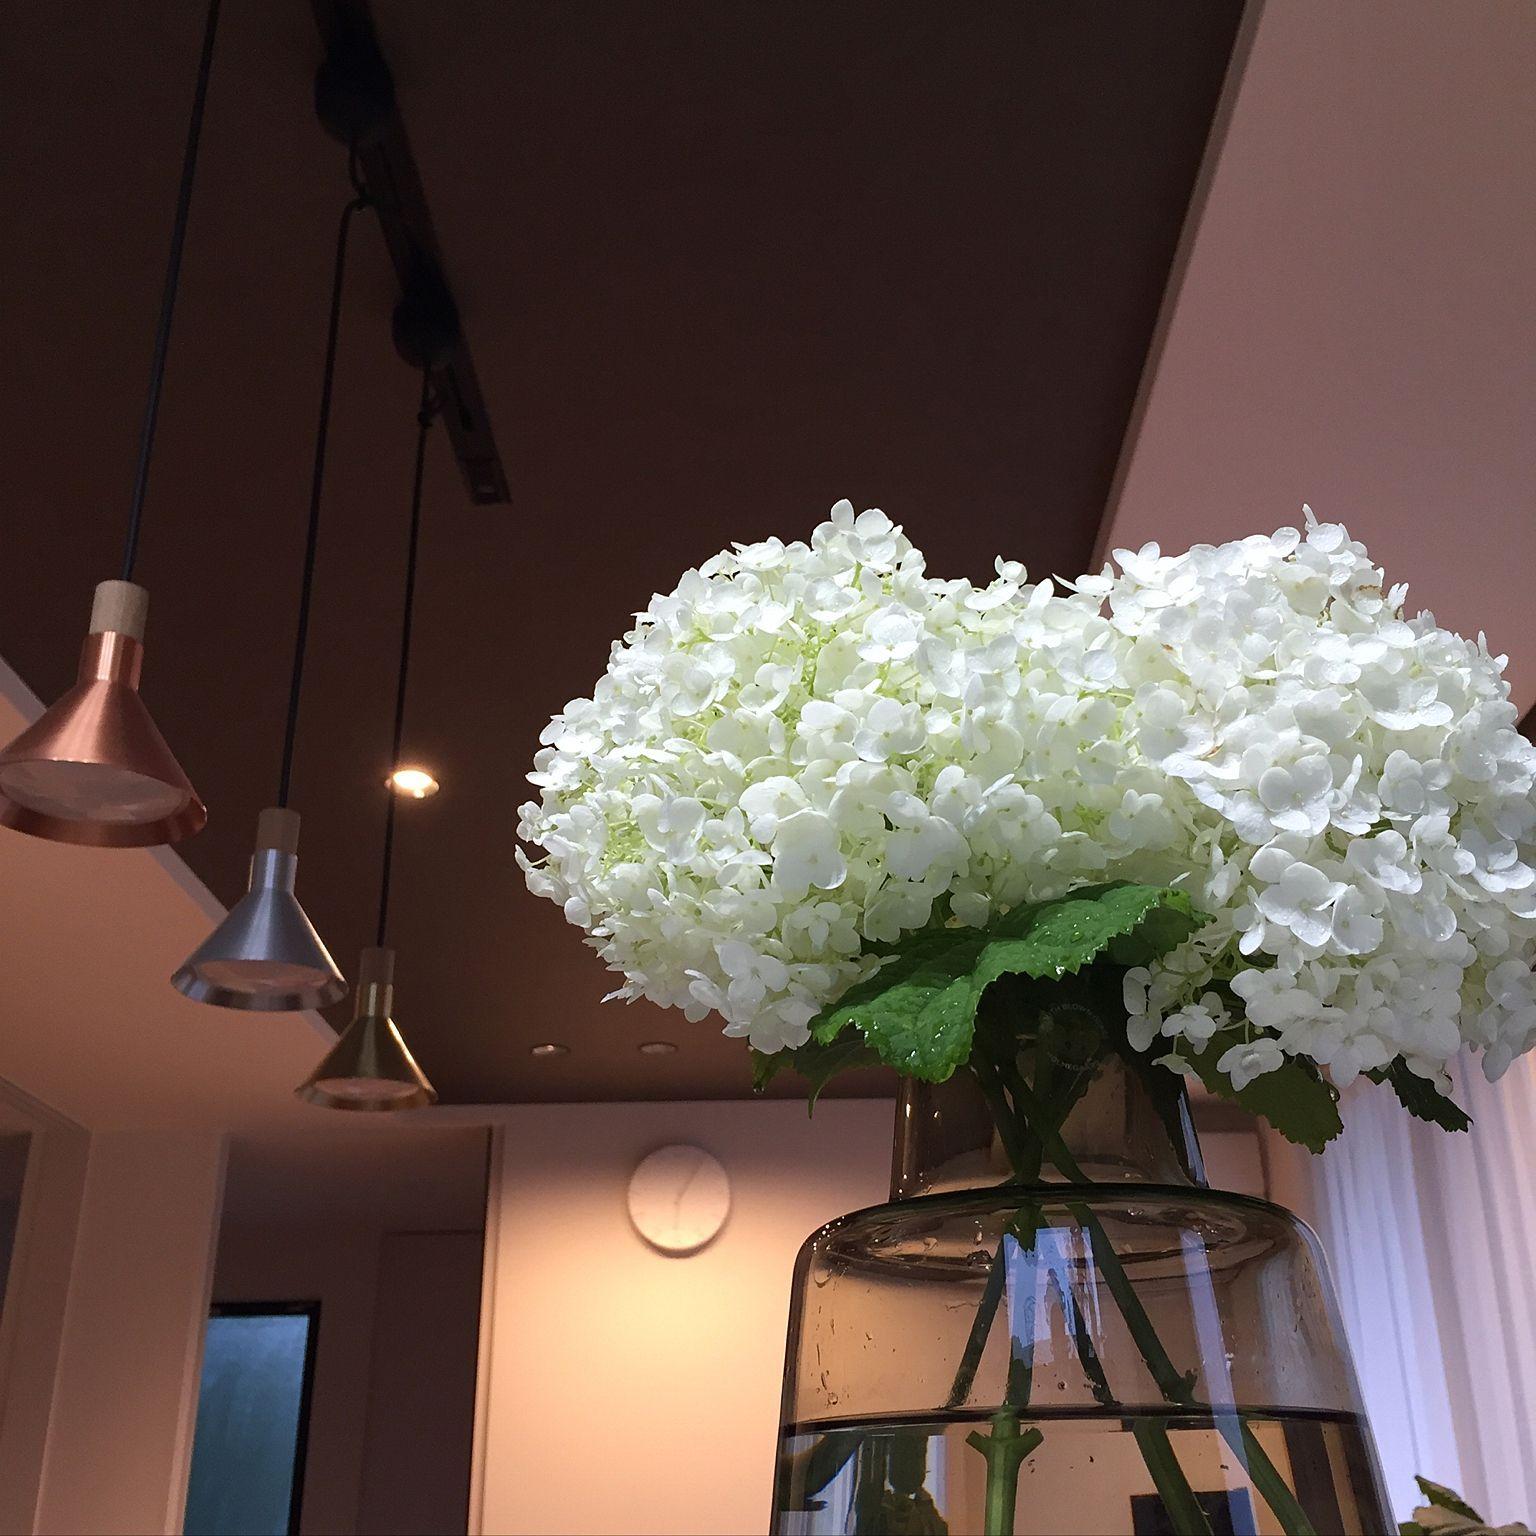 生花もドライフラワーも素敵インテリア アナベルの魅力をお伝えします Folk ドライフラワー ドライフラワーアレンジメント 紫陽花